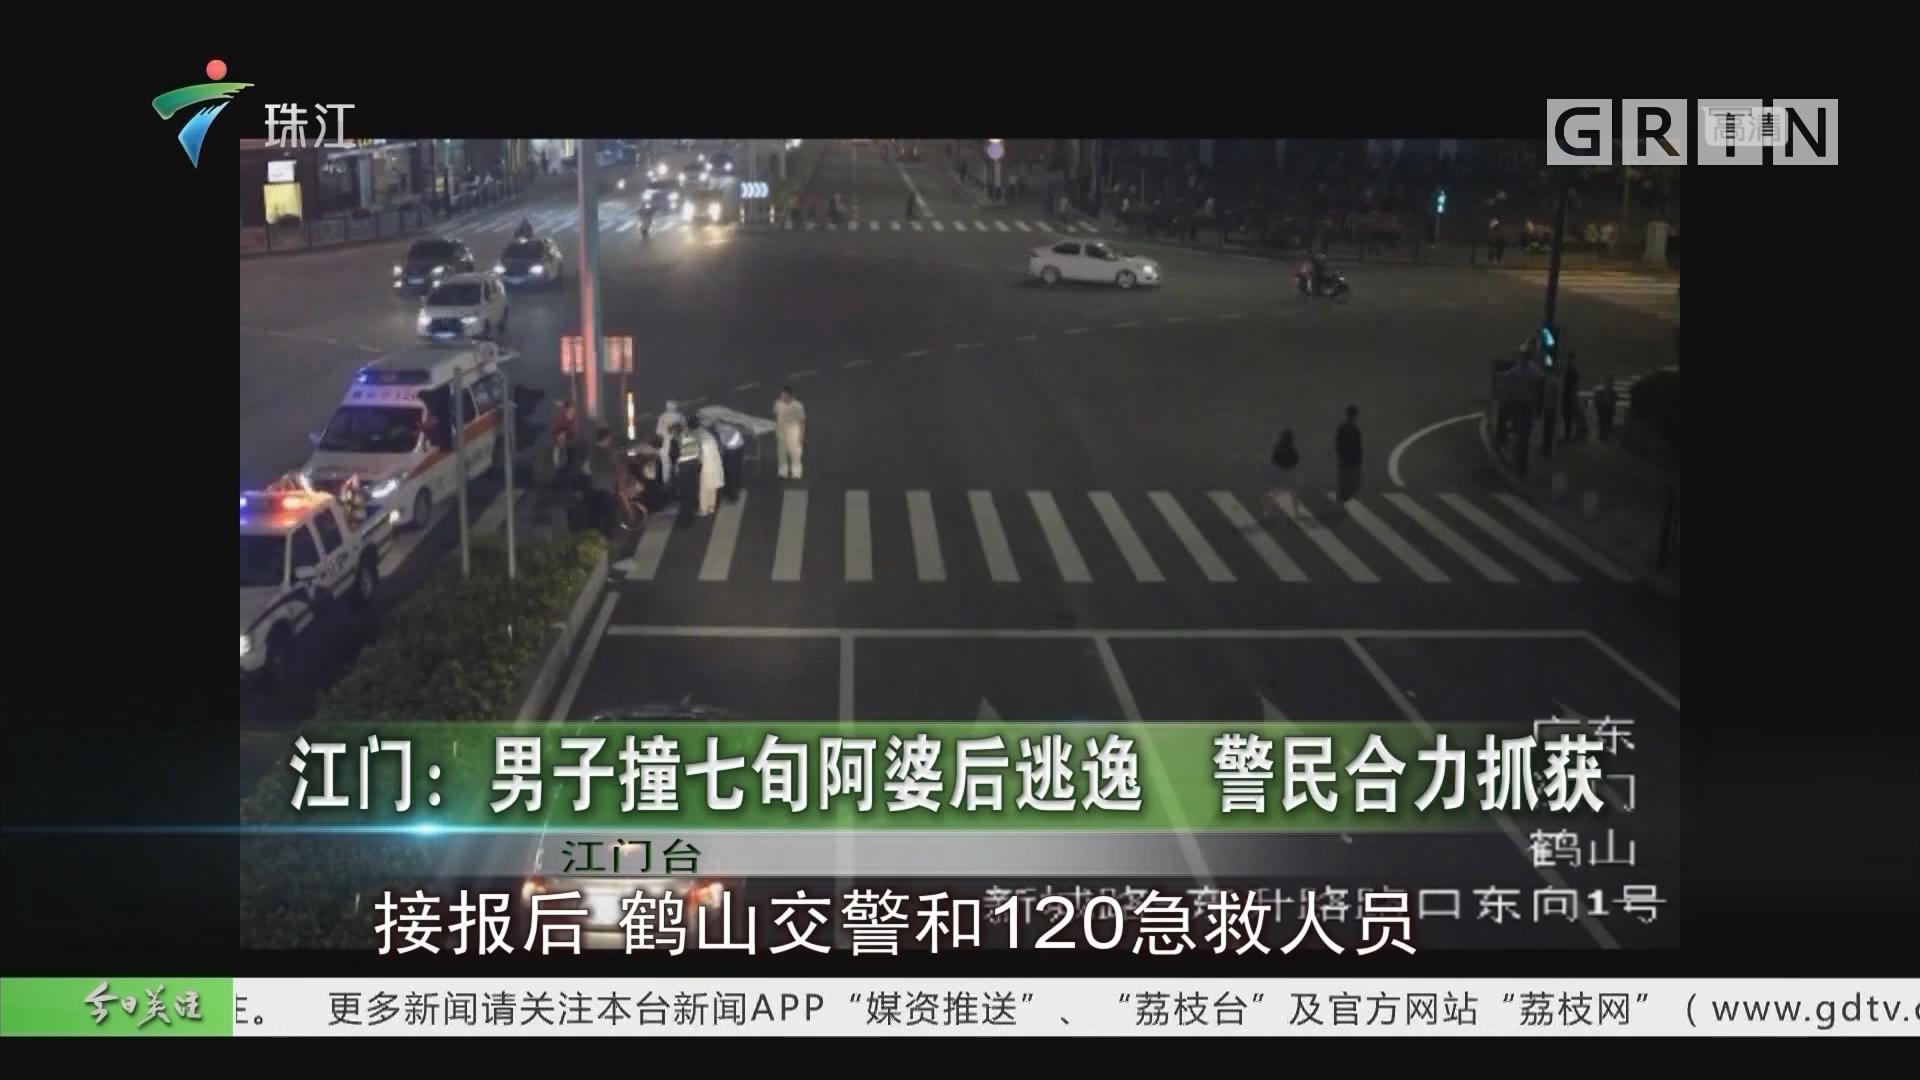 江门:男子撞七旬阿婆后逃逸 警民合力抓获